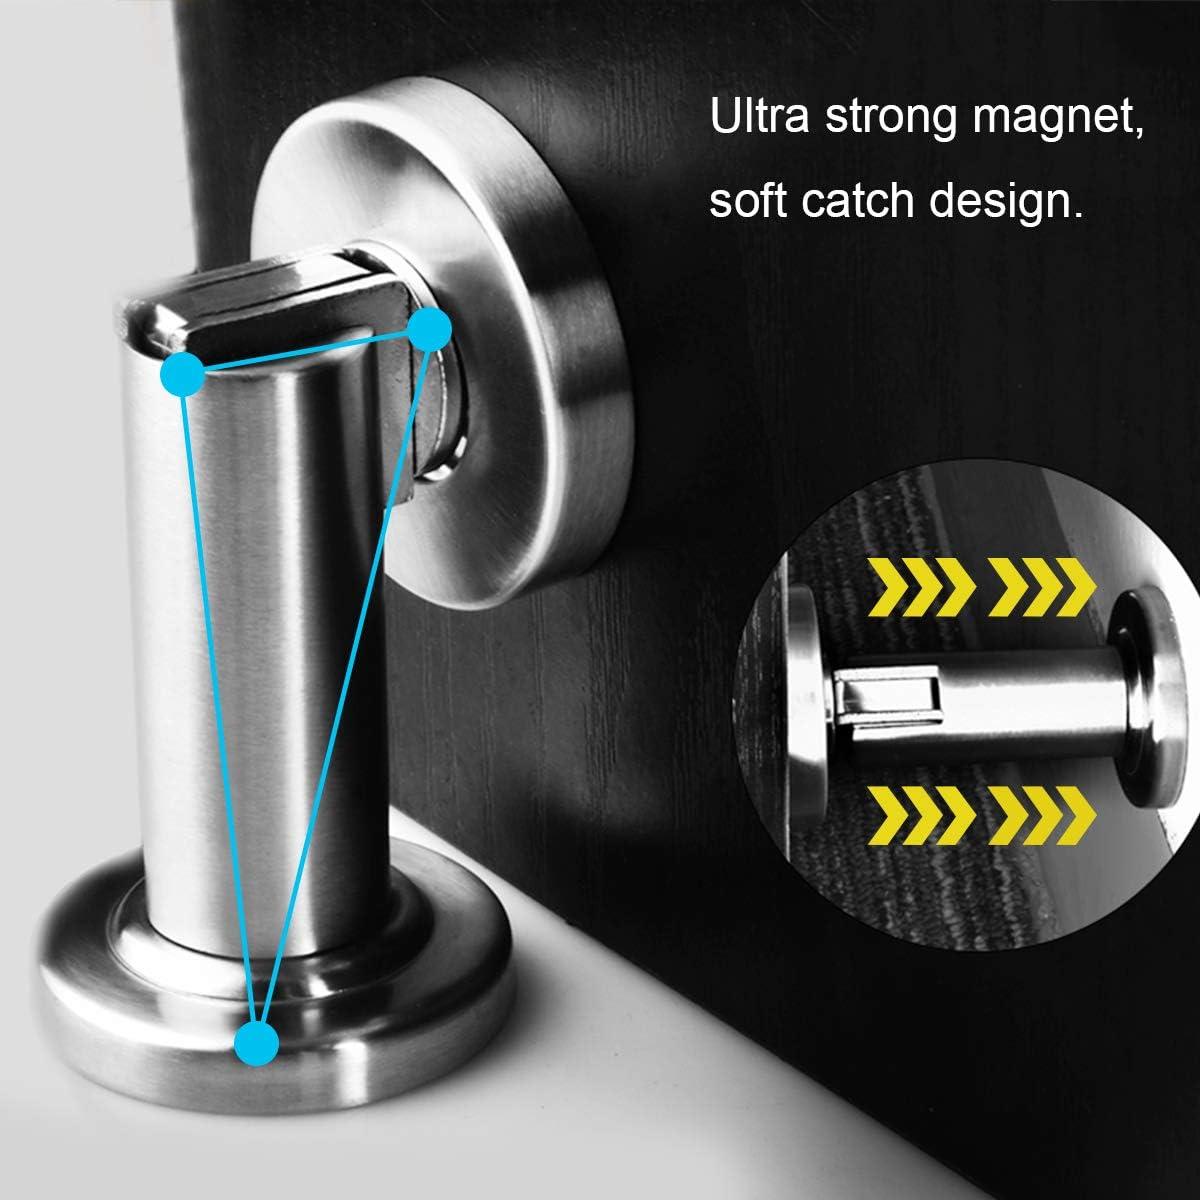 Soft-Catch Magnetic Door Stop Stainless Steel Door Stopper Heavy Duty Modern Door Catch Brushed Satin Nickel Chrome Silver Magnetic Door Stop Wall or Floor Mount 1pack